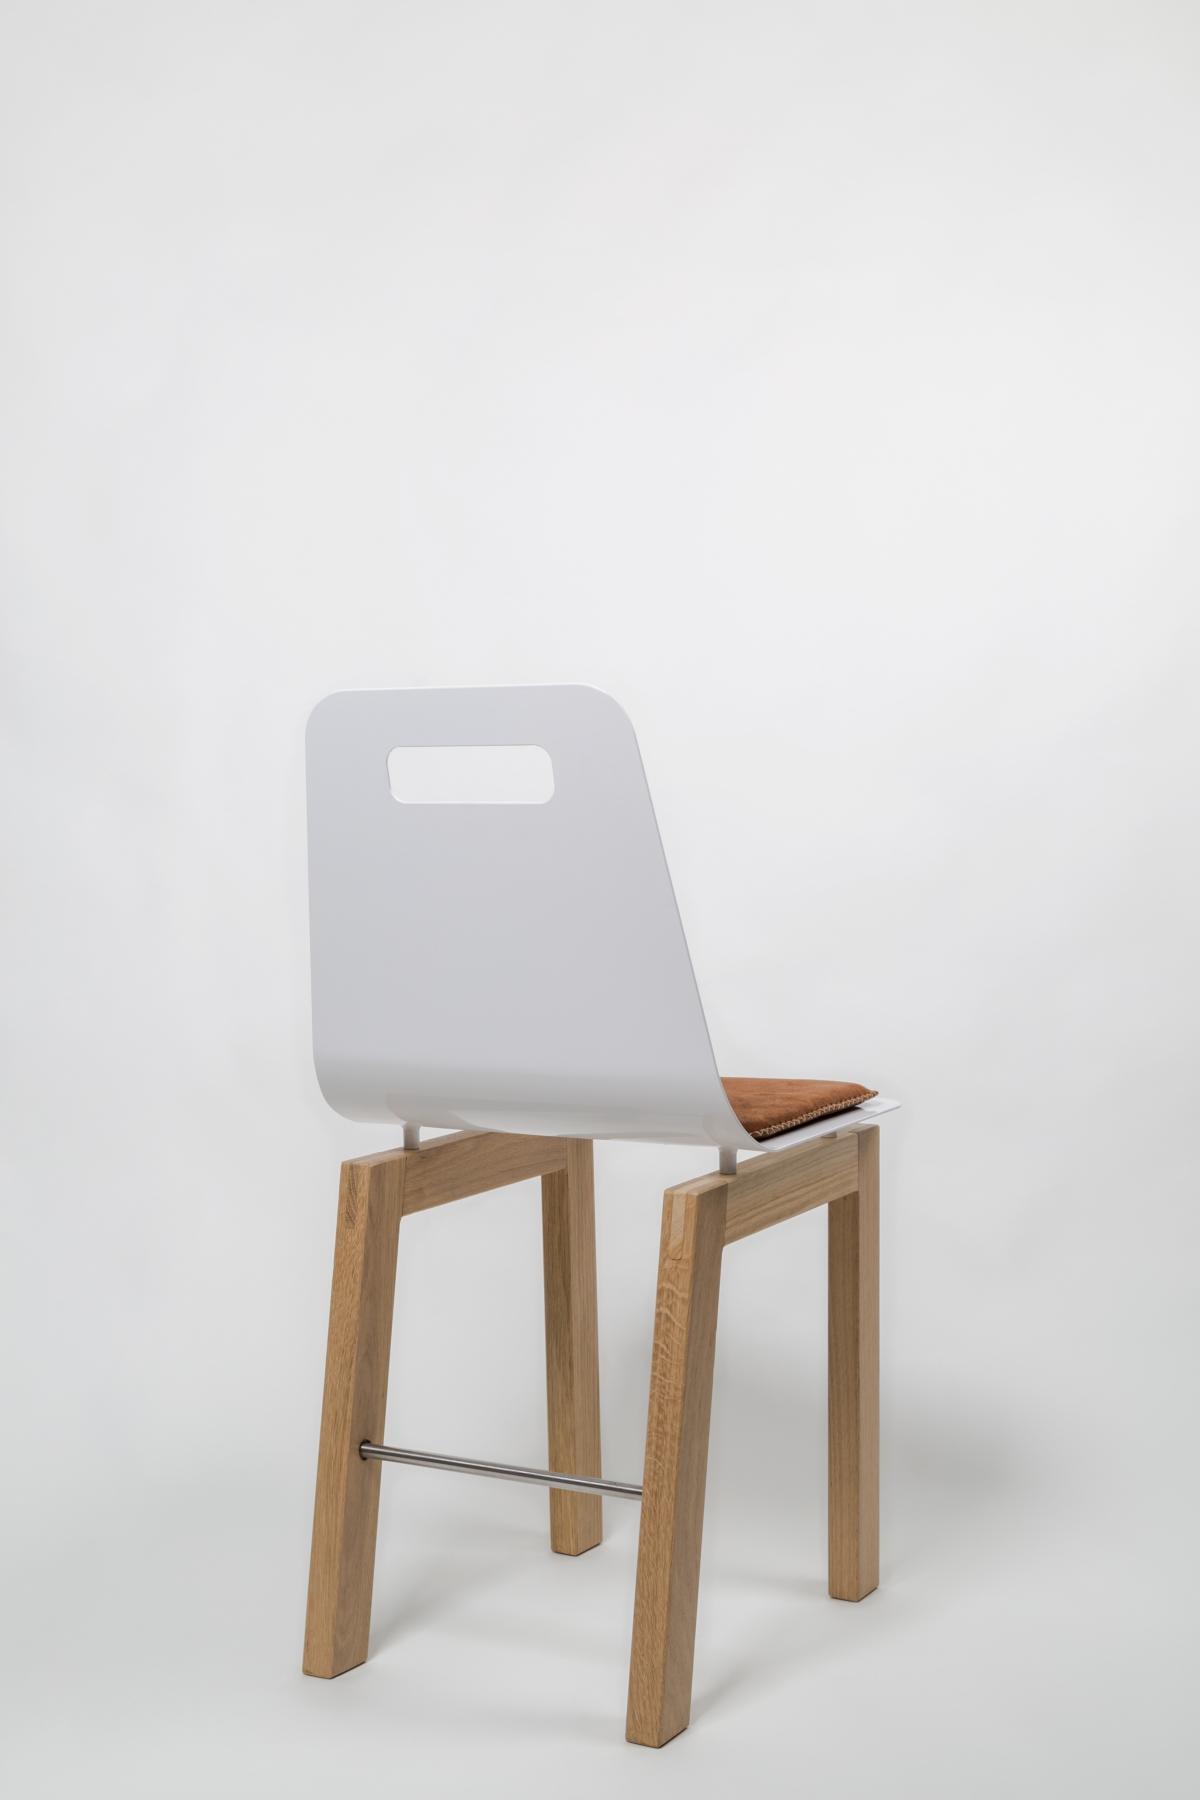 thyme armchair